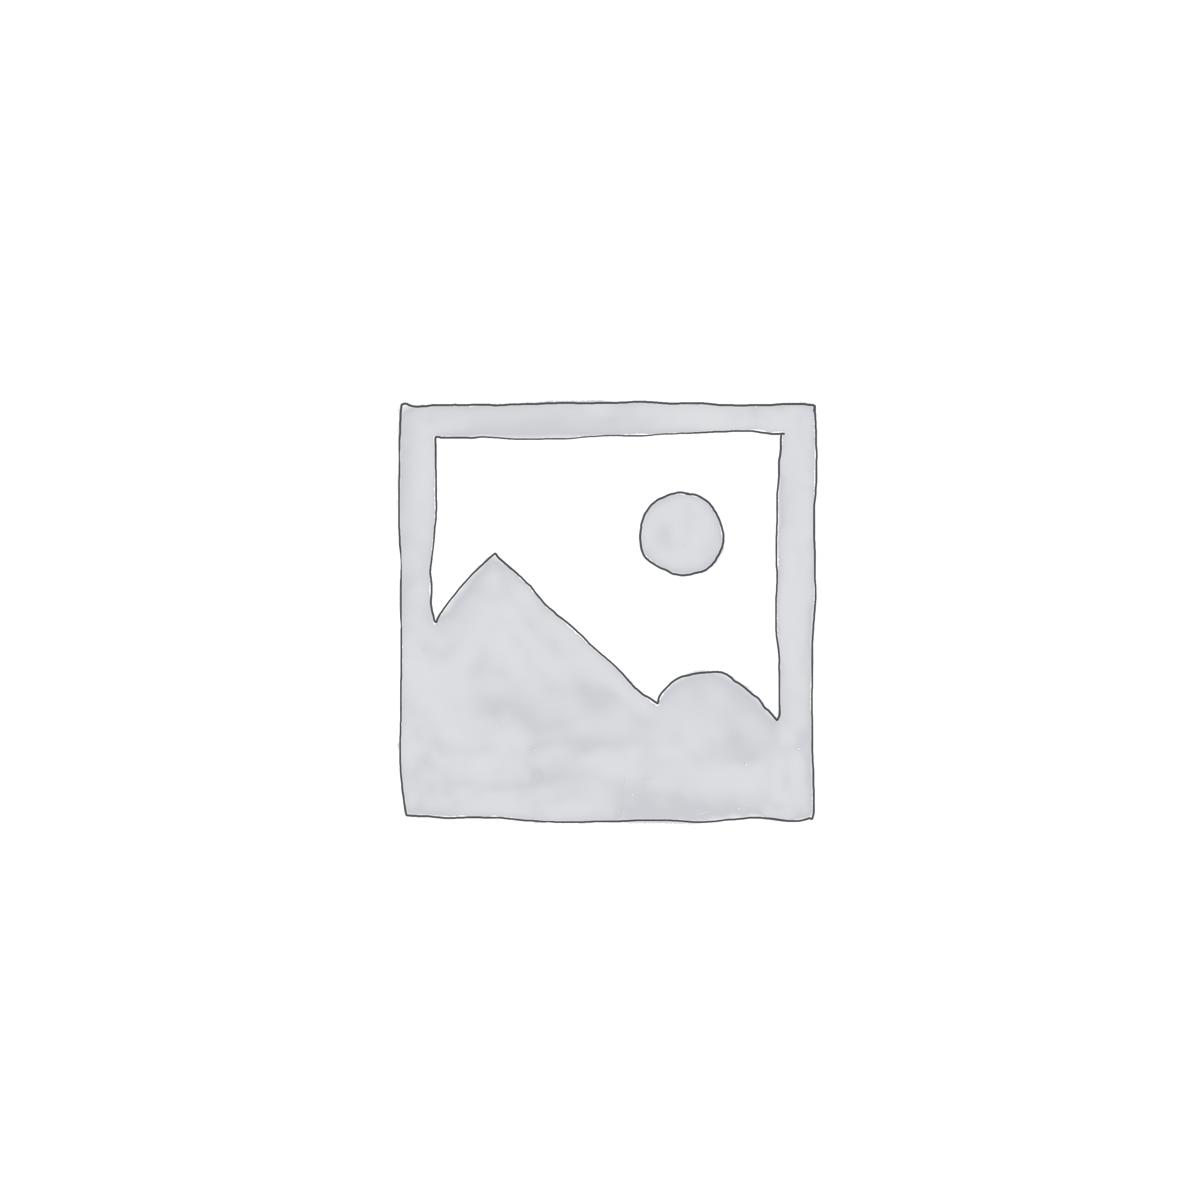 Kids World Map with Cartoon Animals Wallpaper Mural